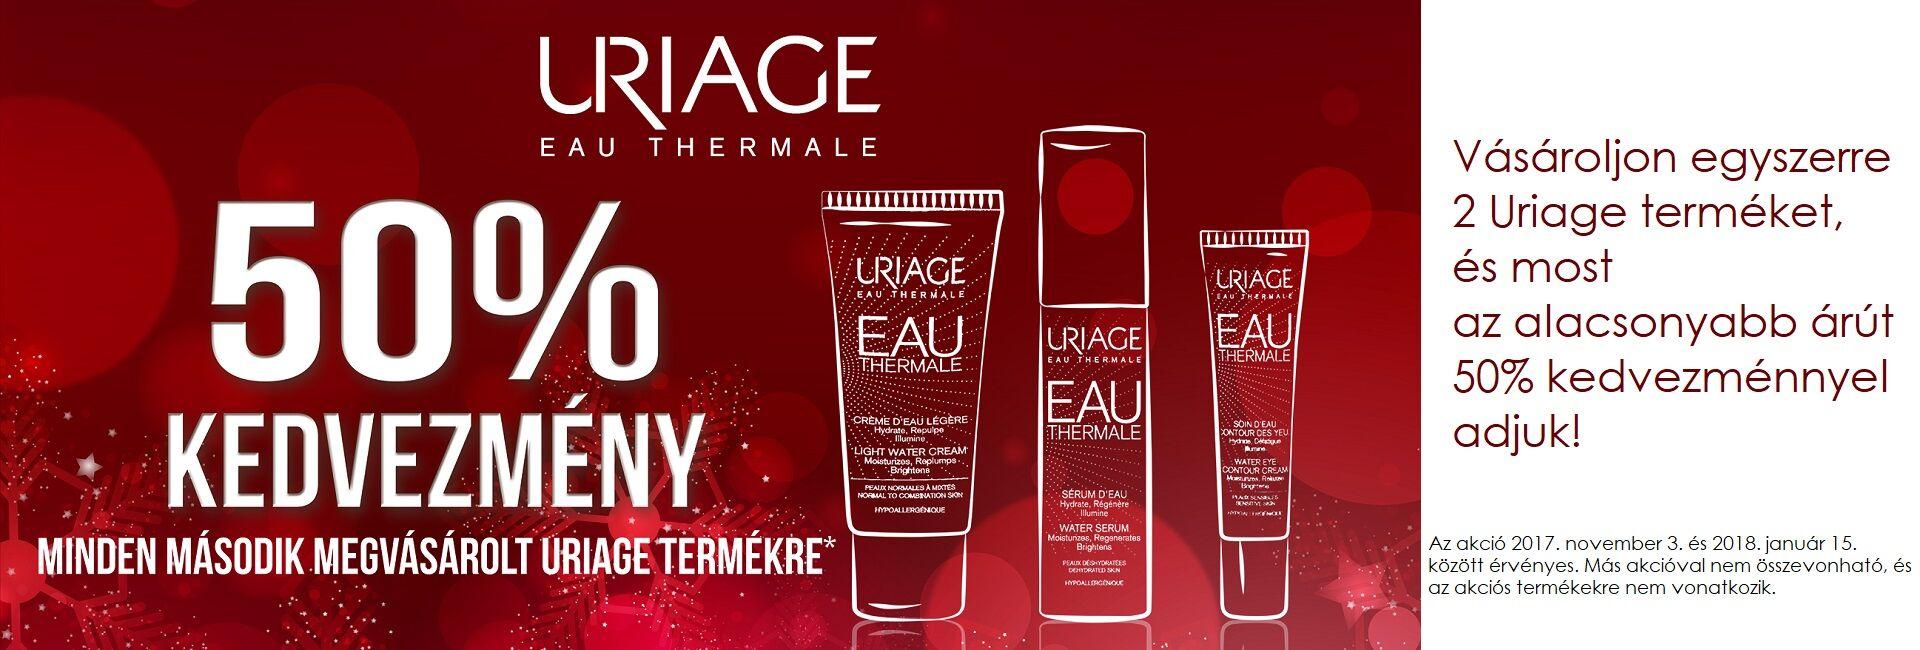 A 2. Uriage terméket 50% kedvezménnyel adjuk!